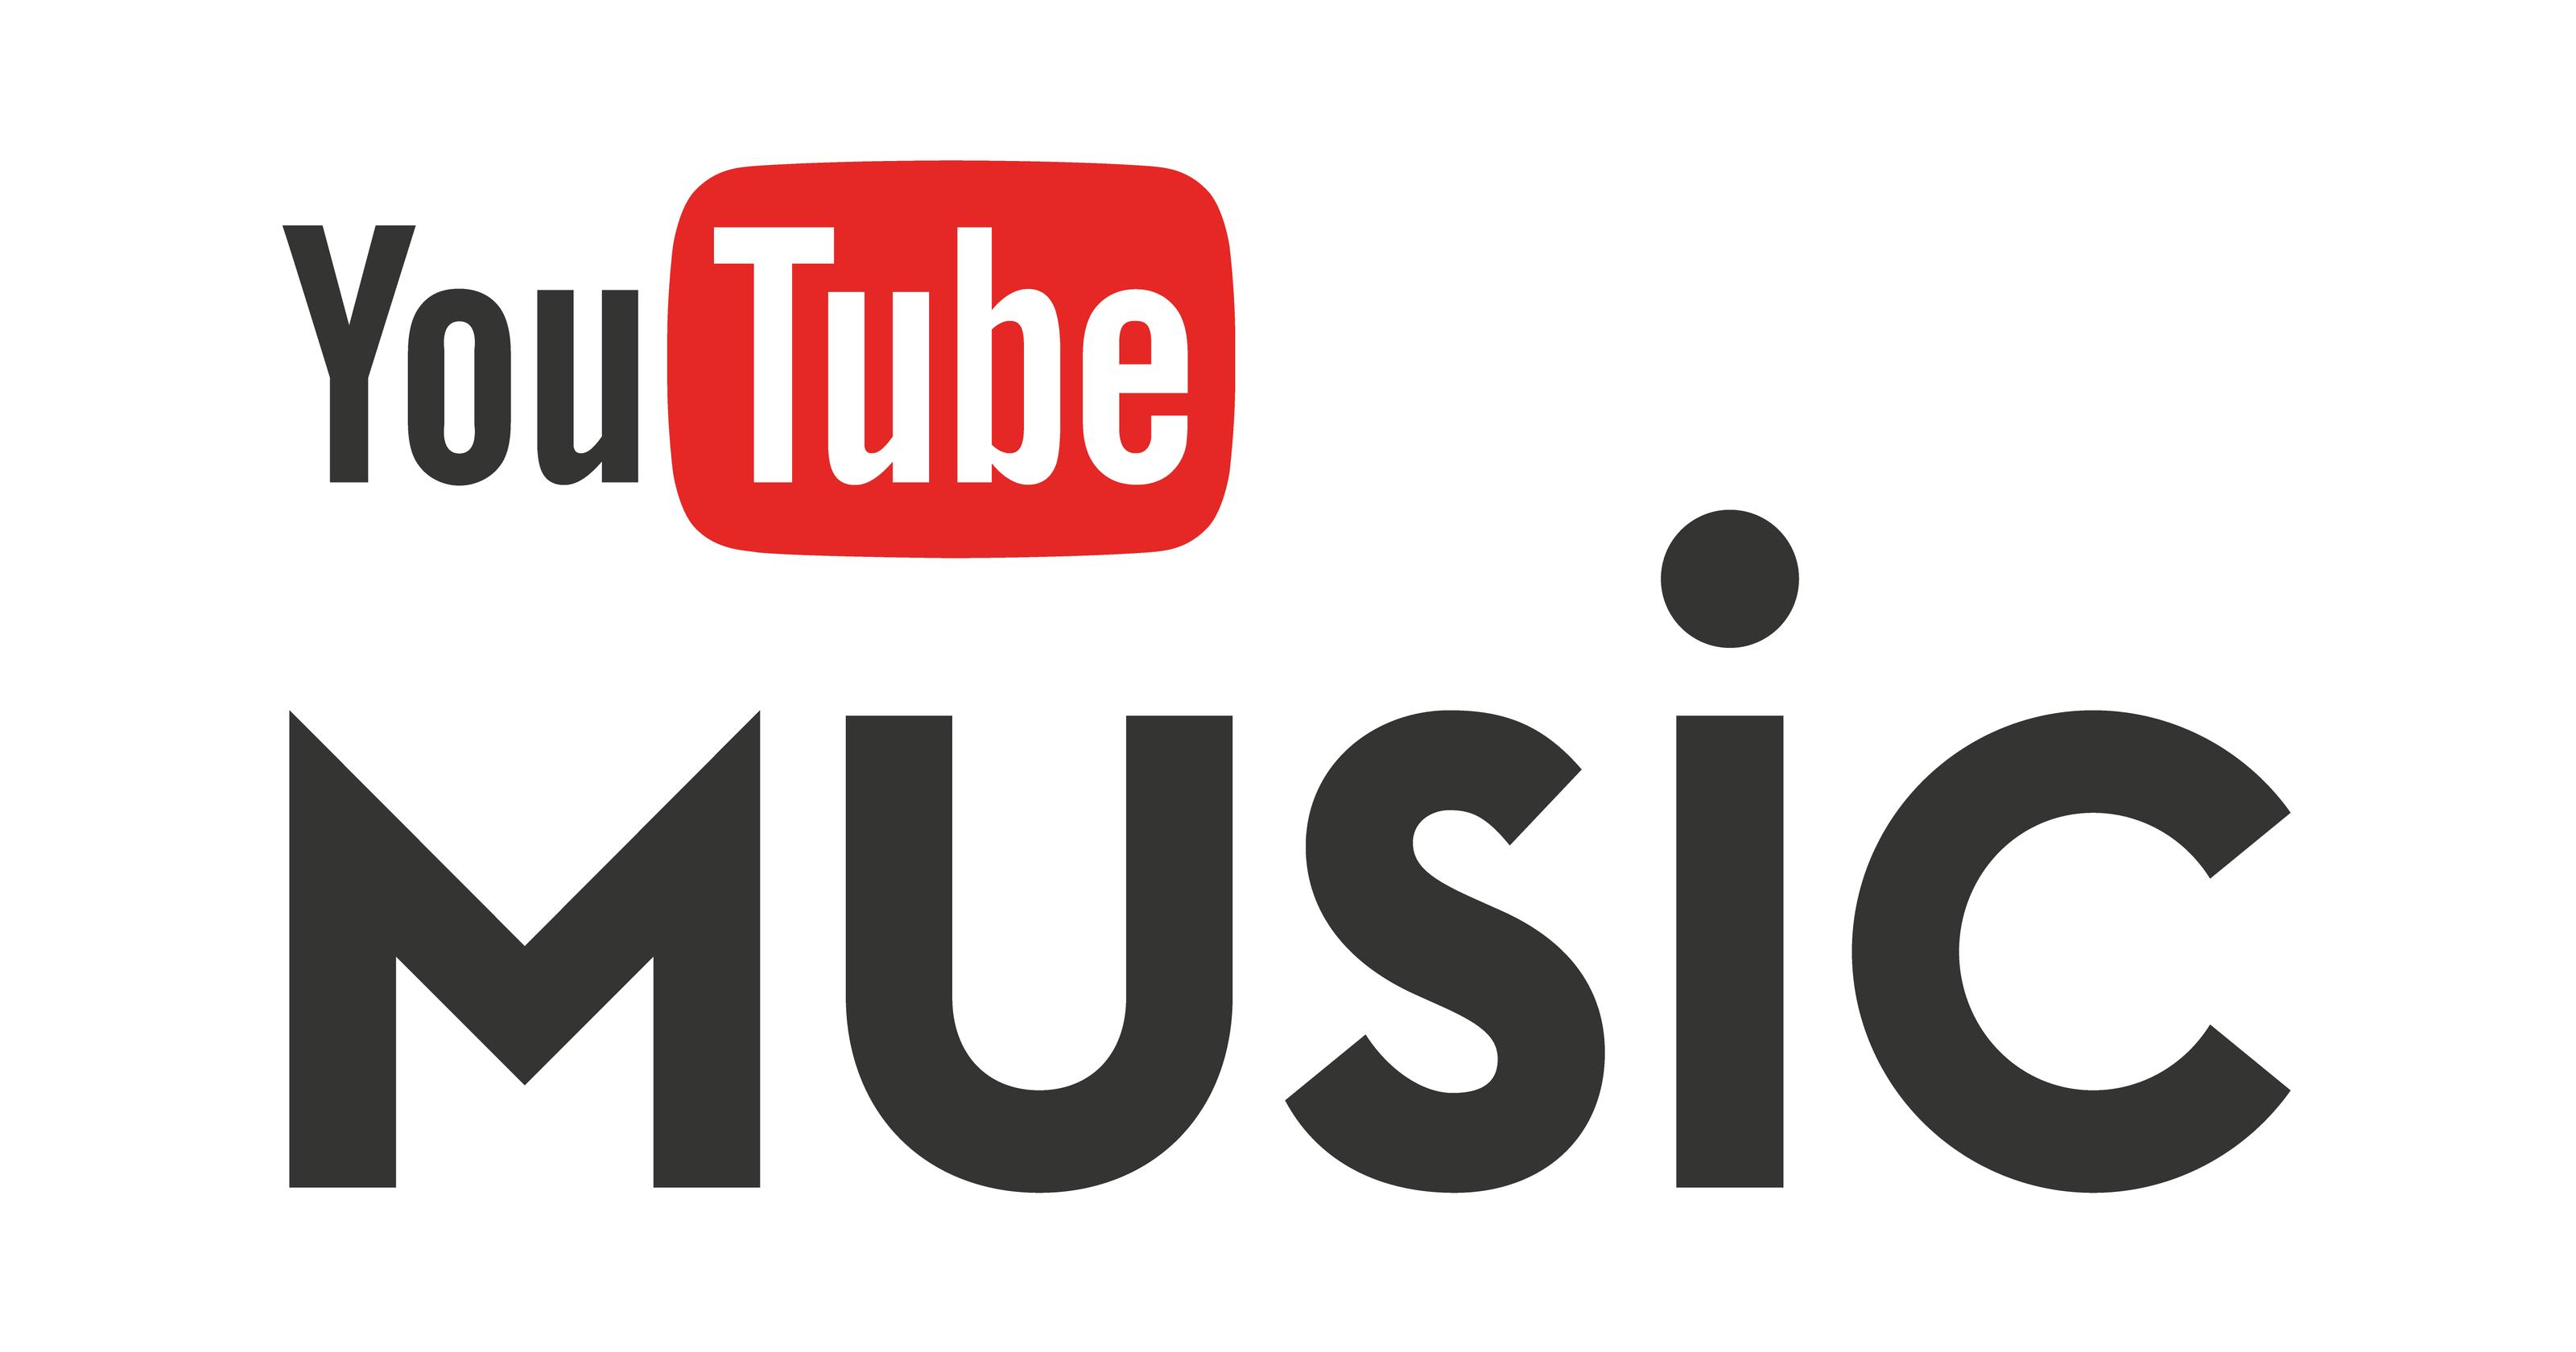 yt music